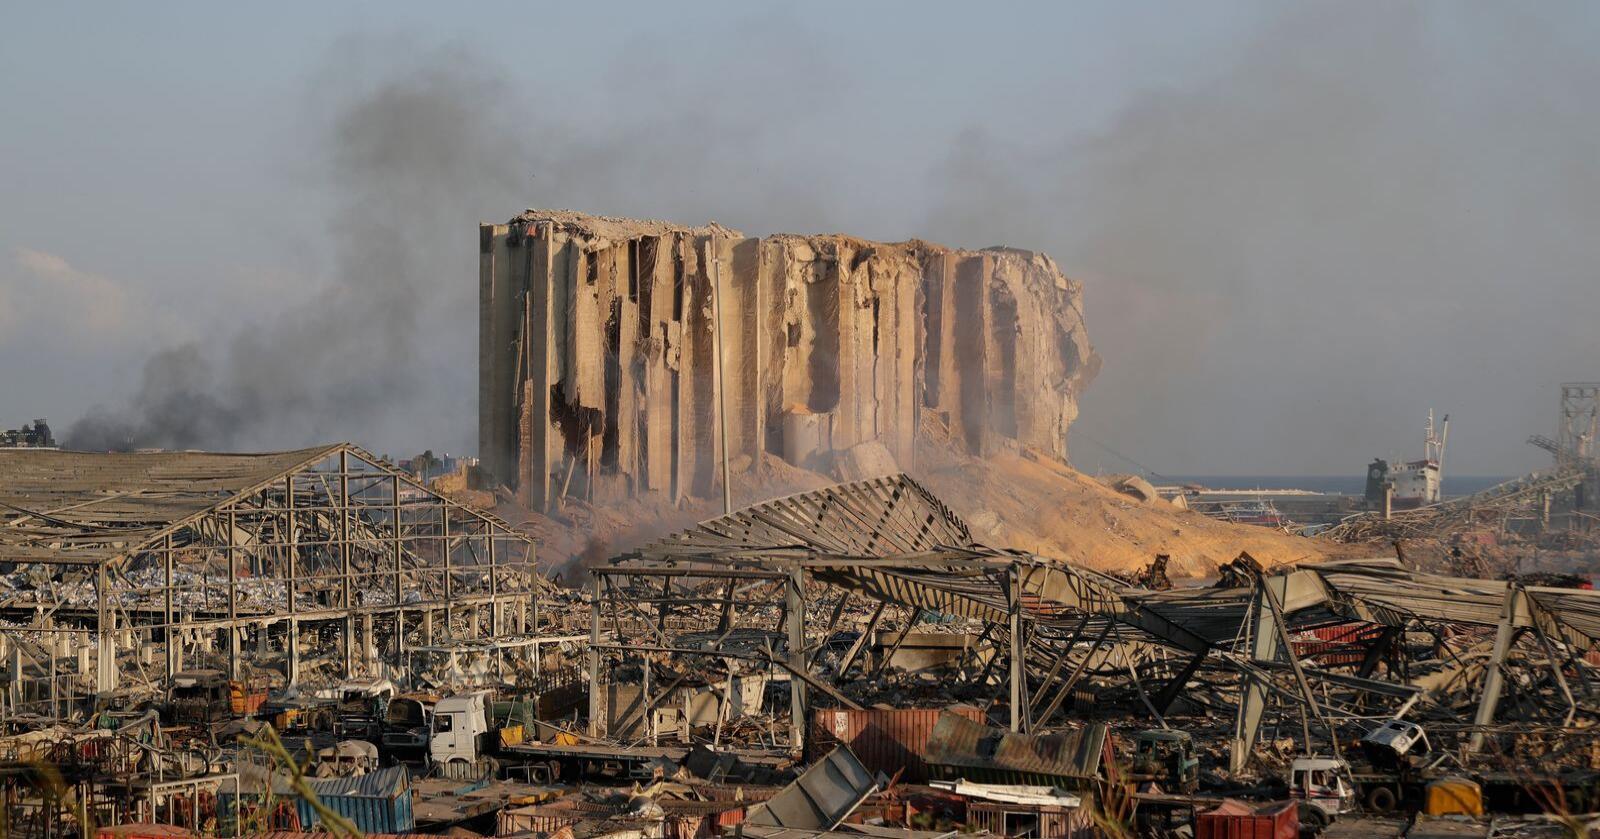 Ødeleggelsene i Beirut er enorme og tyder på at det var et lager med ammoniumnitrat som eksploderte, ifølge forskere som har gransket bilder og videoer av eksplosjonen. Foto: Hussein Malla / AP / NTB scanpix